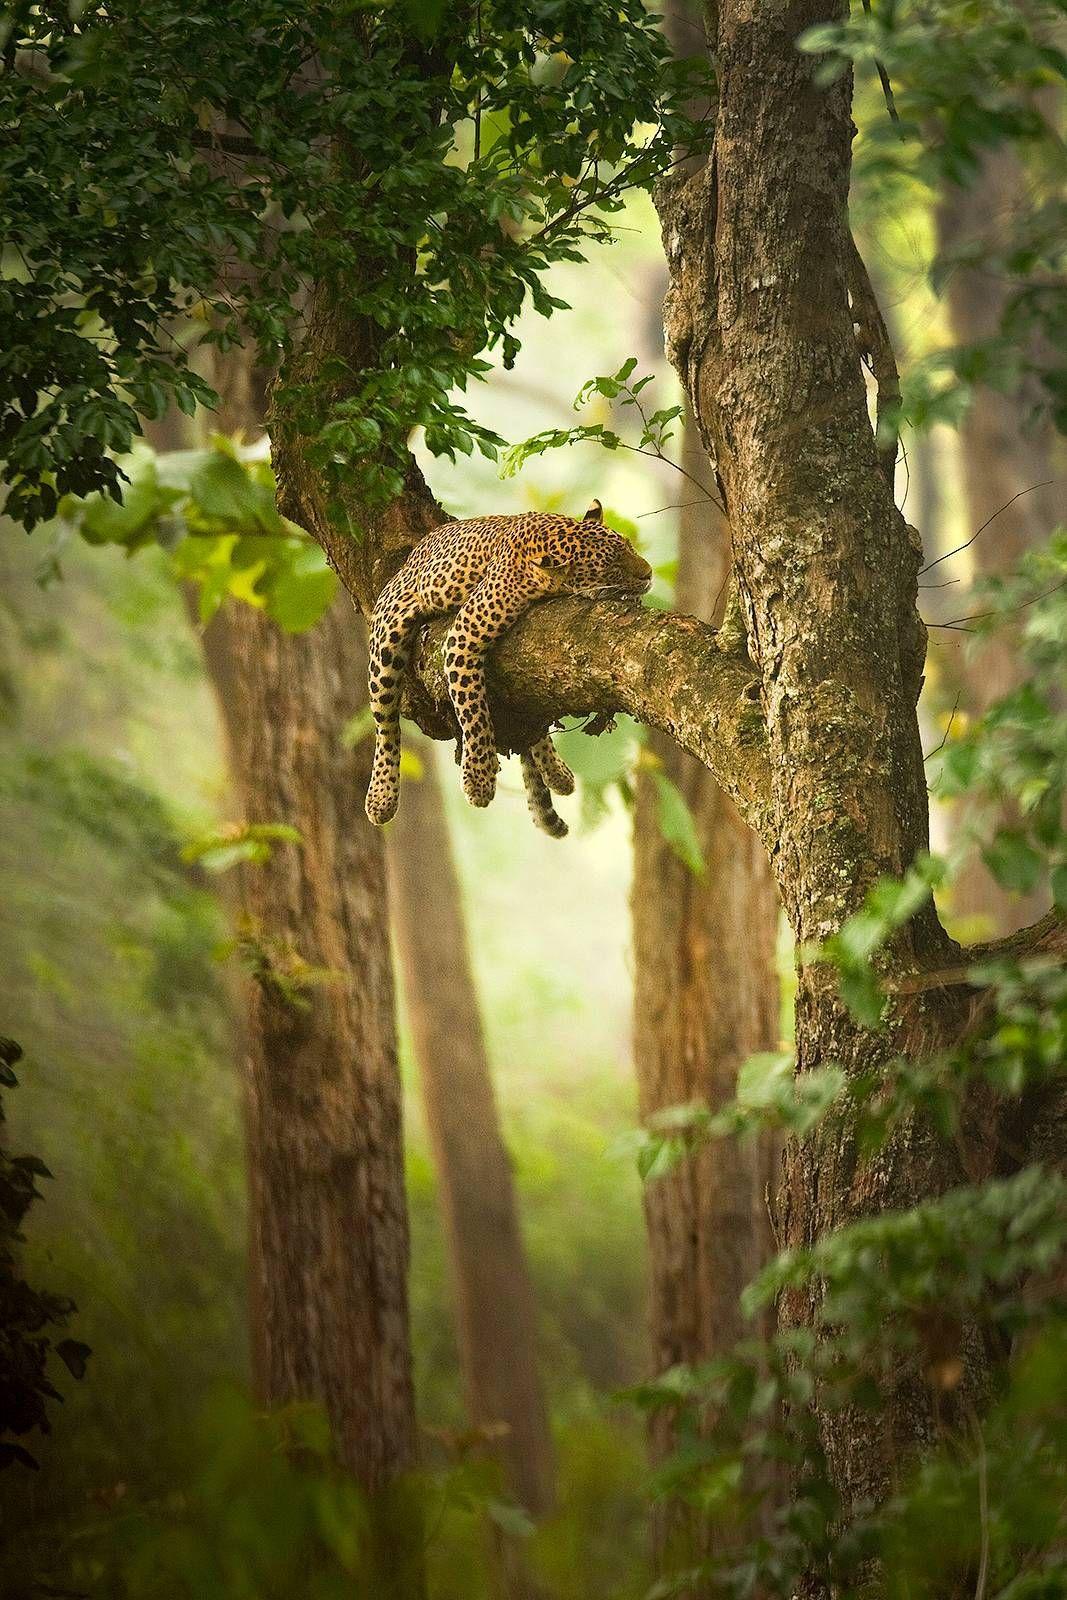 Desvre Animalkingdom Desvre Animals Leopard Sleepy Wildlife Photography Animals Beautiful Animals Wild